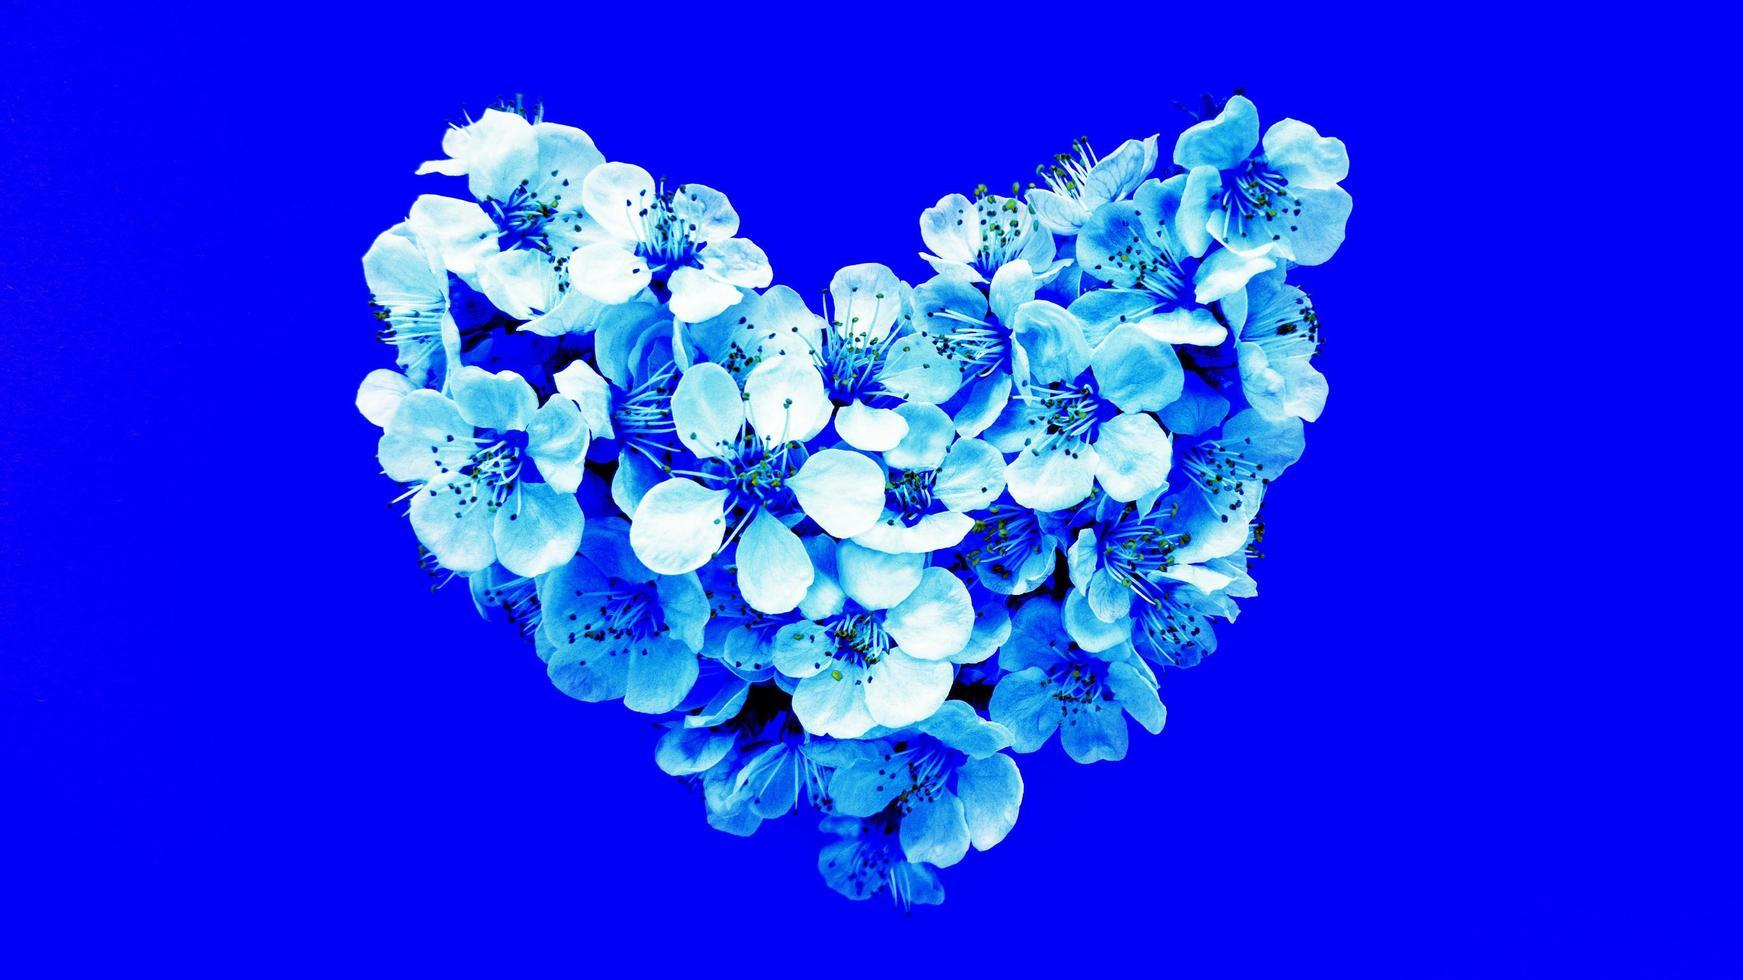 herzförmige Blumen auf blauem Hintergrund. Stockfotografie. foto